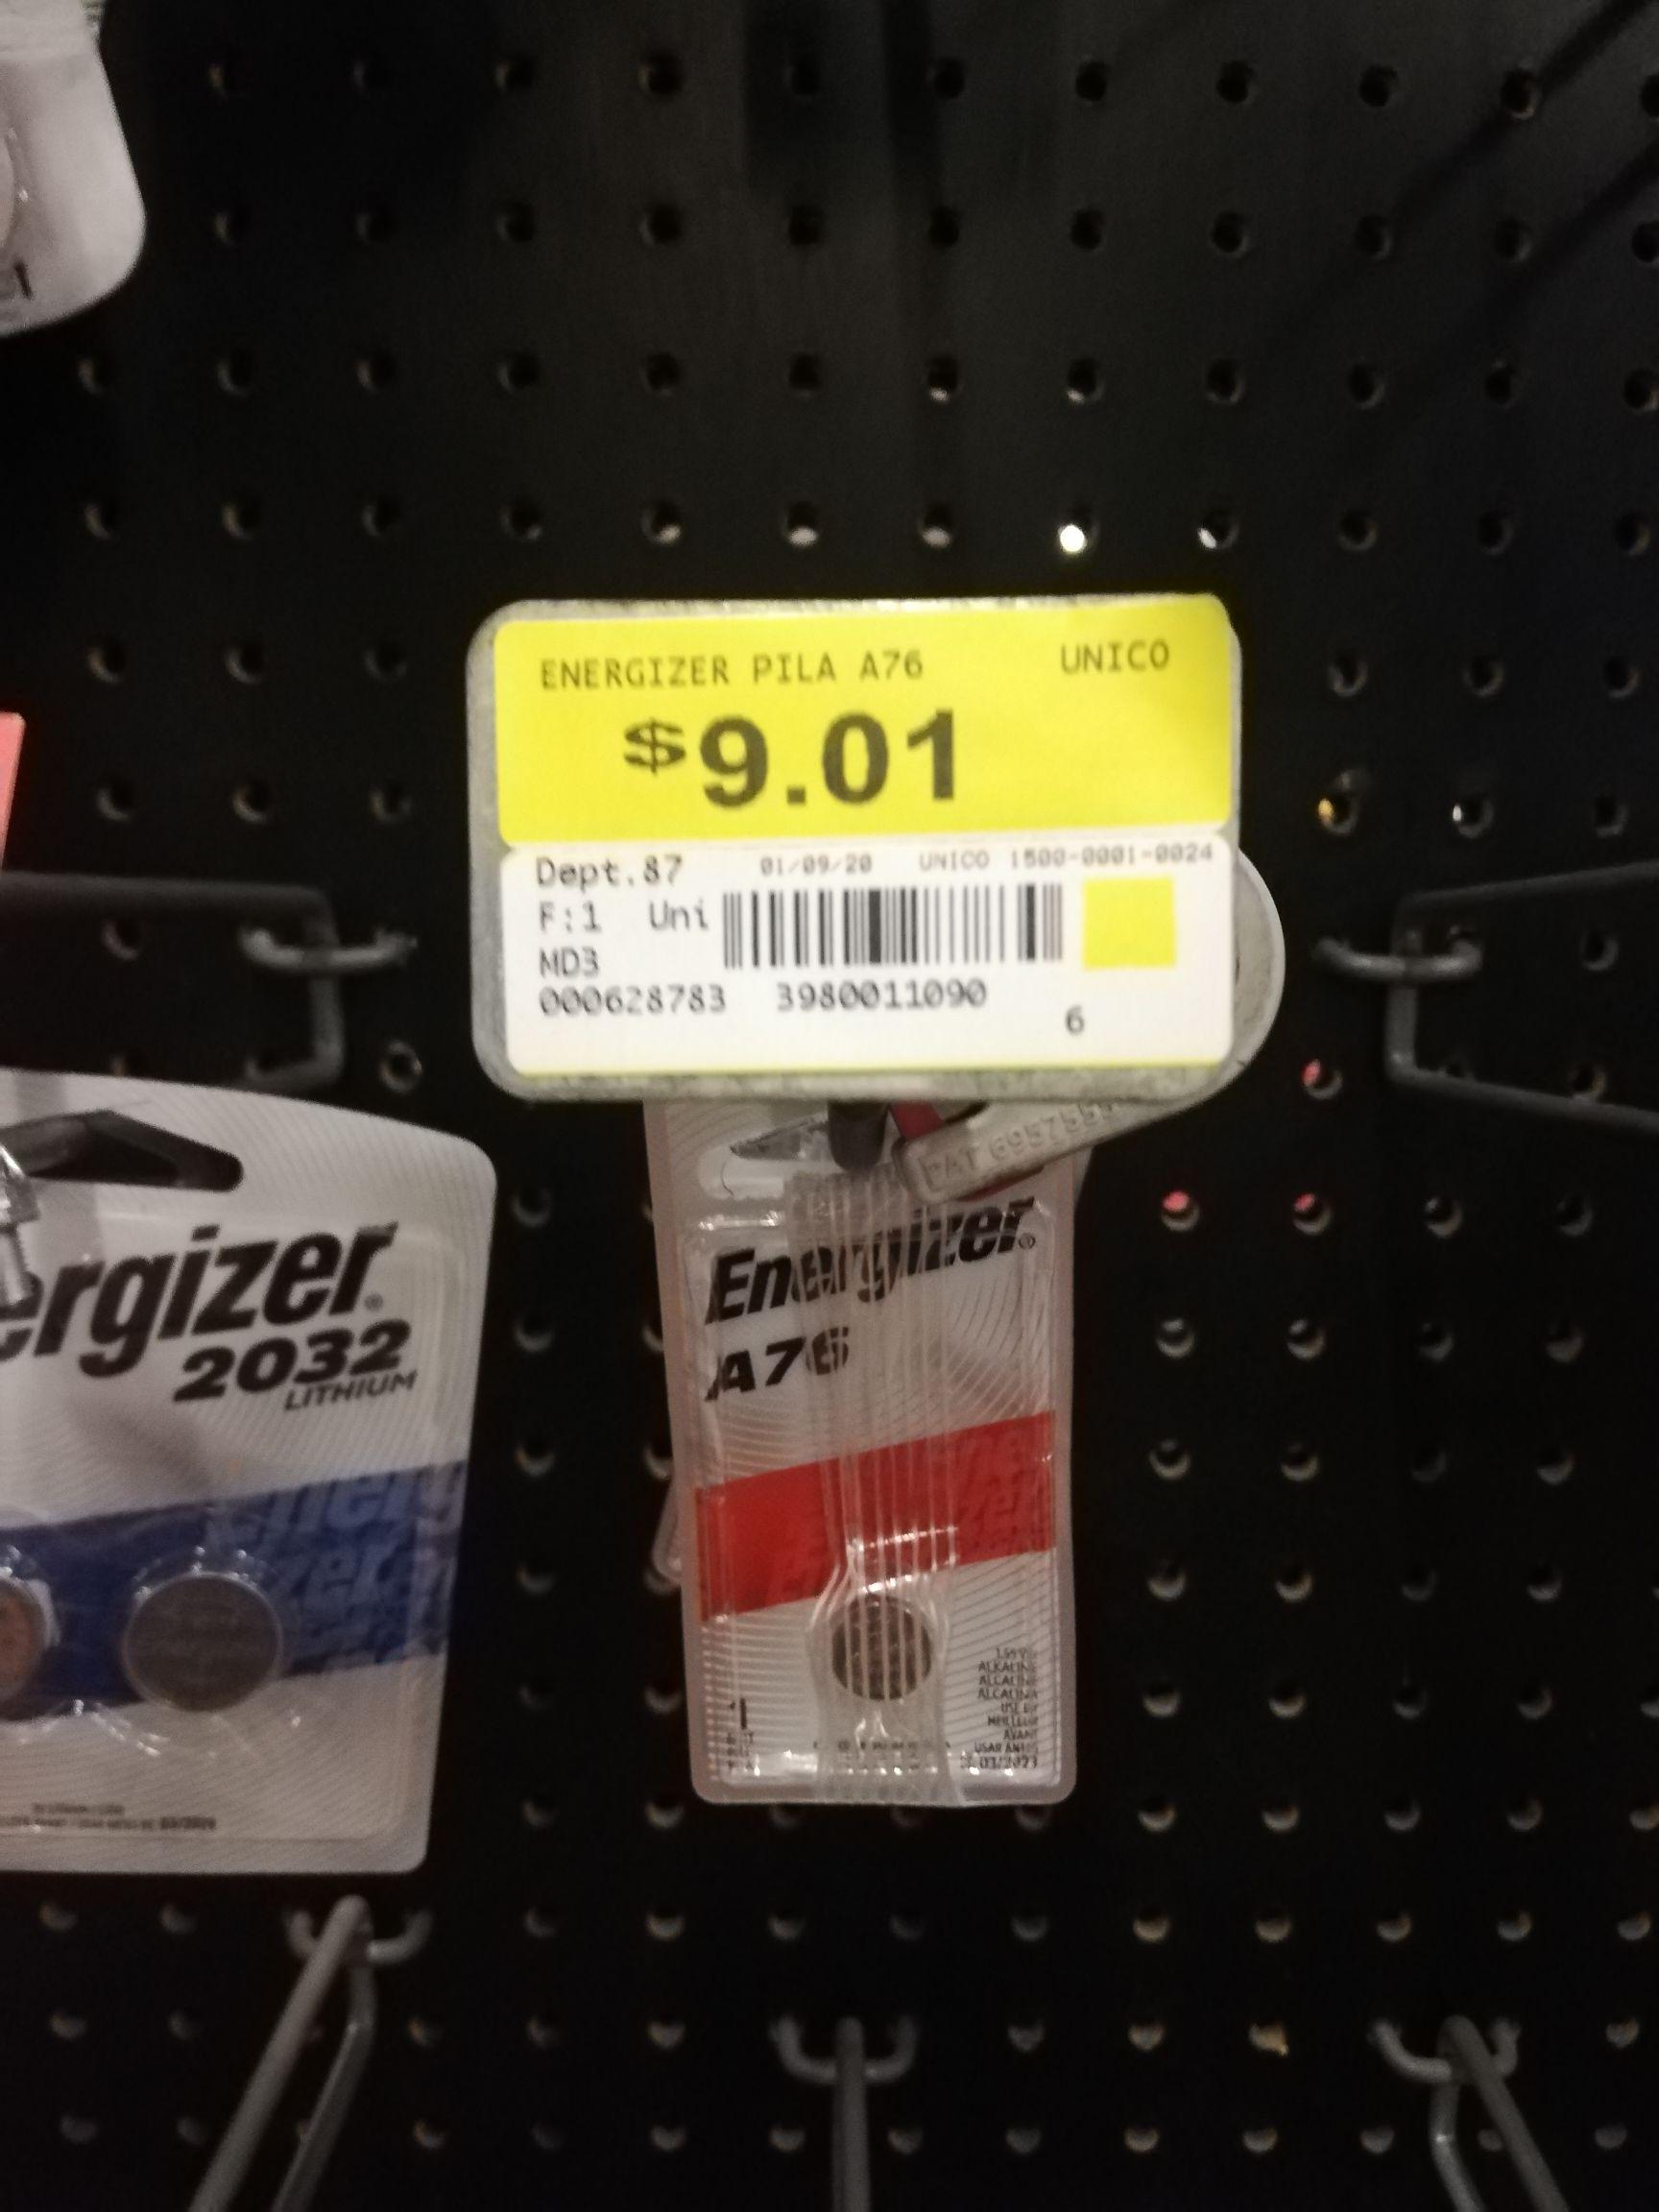 Walmart - Pilas A76, para relojes o calculadoras